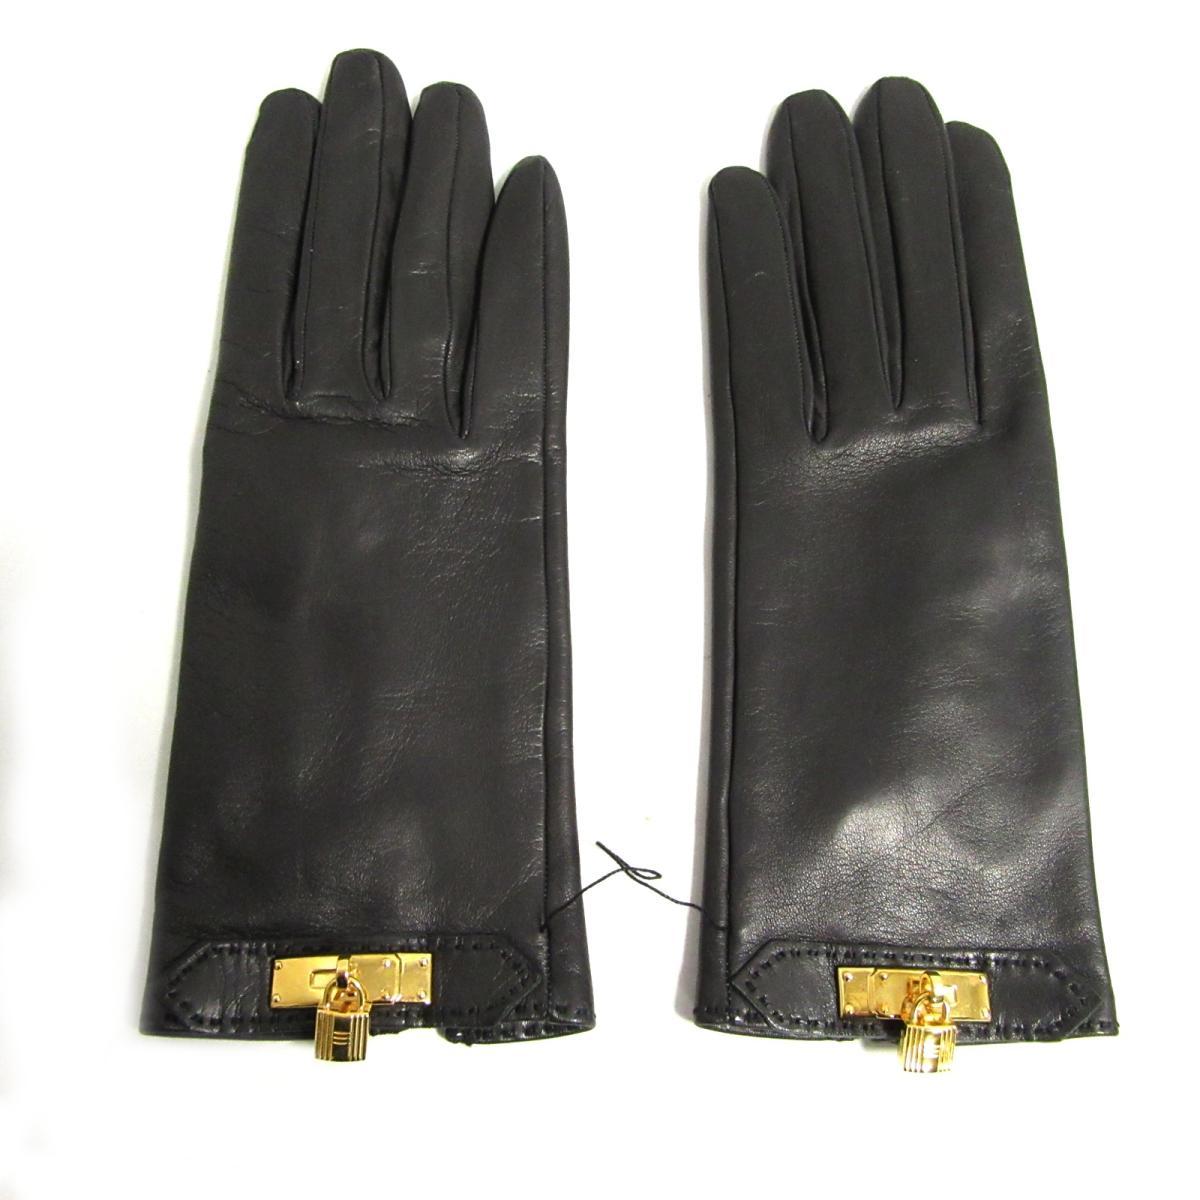 ケリーグローブ 手袋